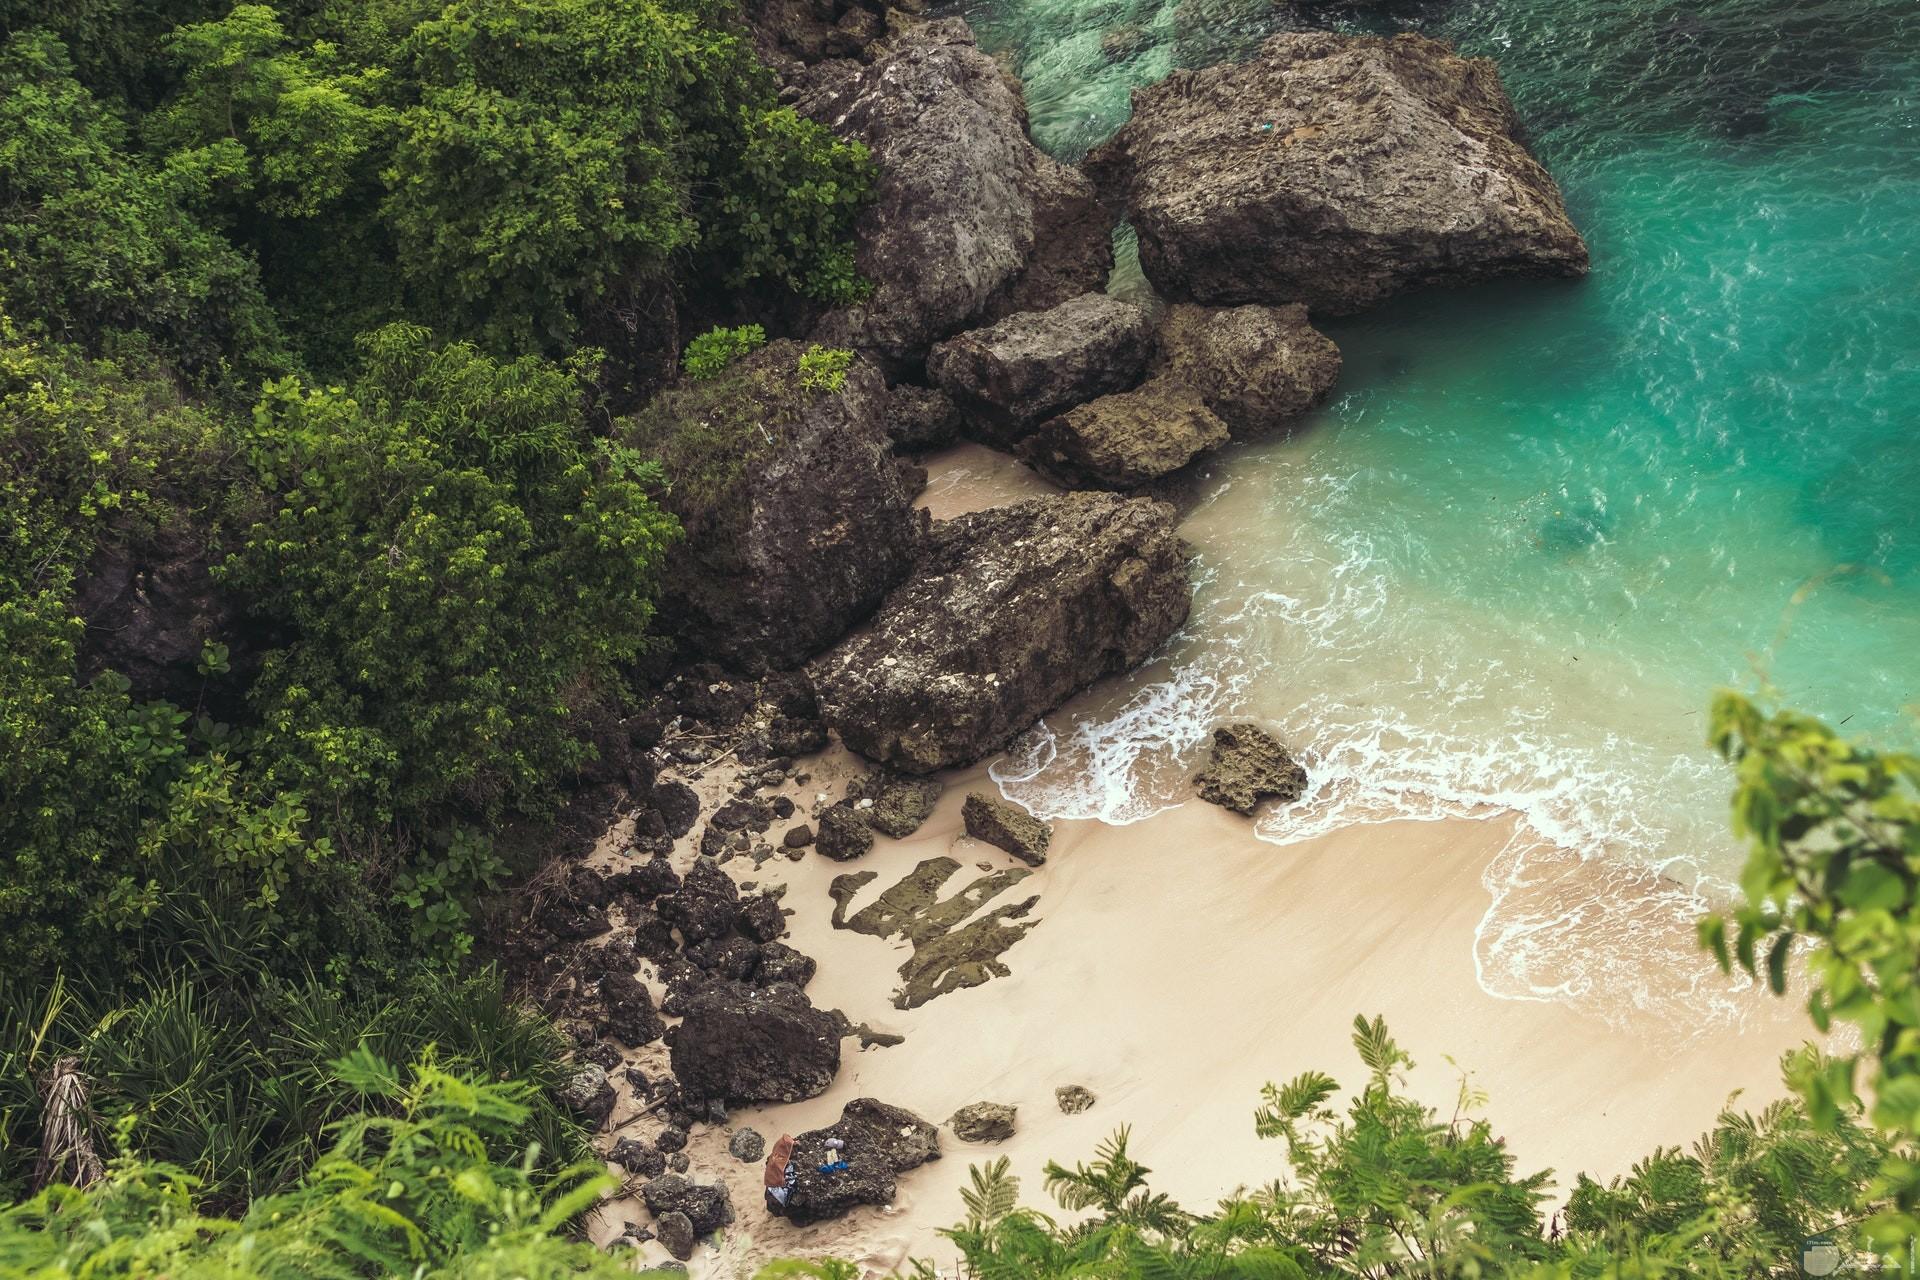 صورة طبيعة مميزة للبحر والصخور والغابة كخلفية جميلة لهاتفك